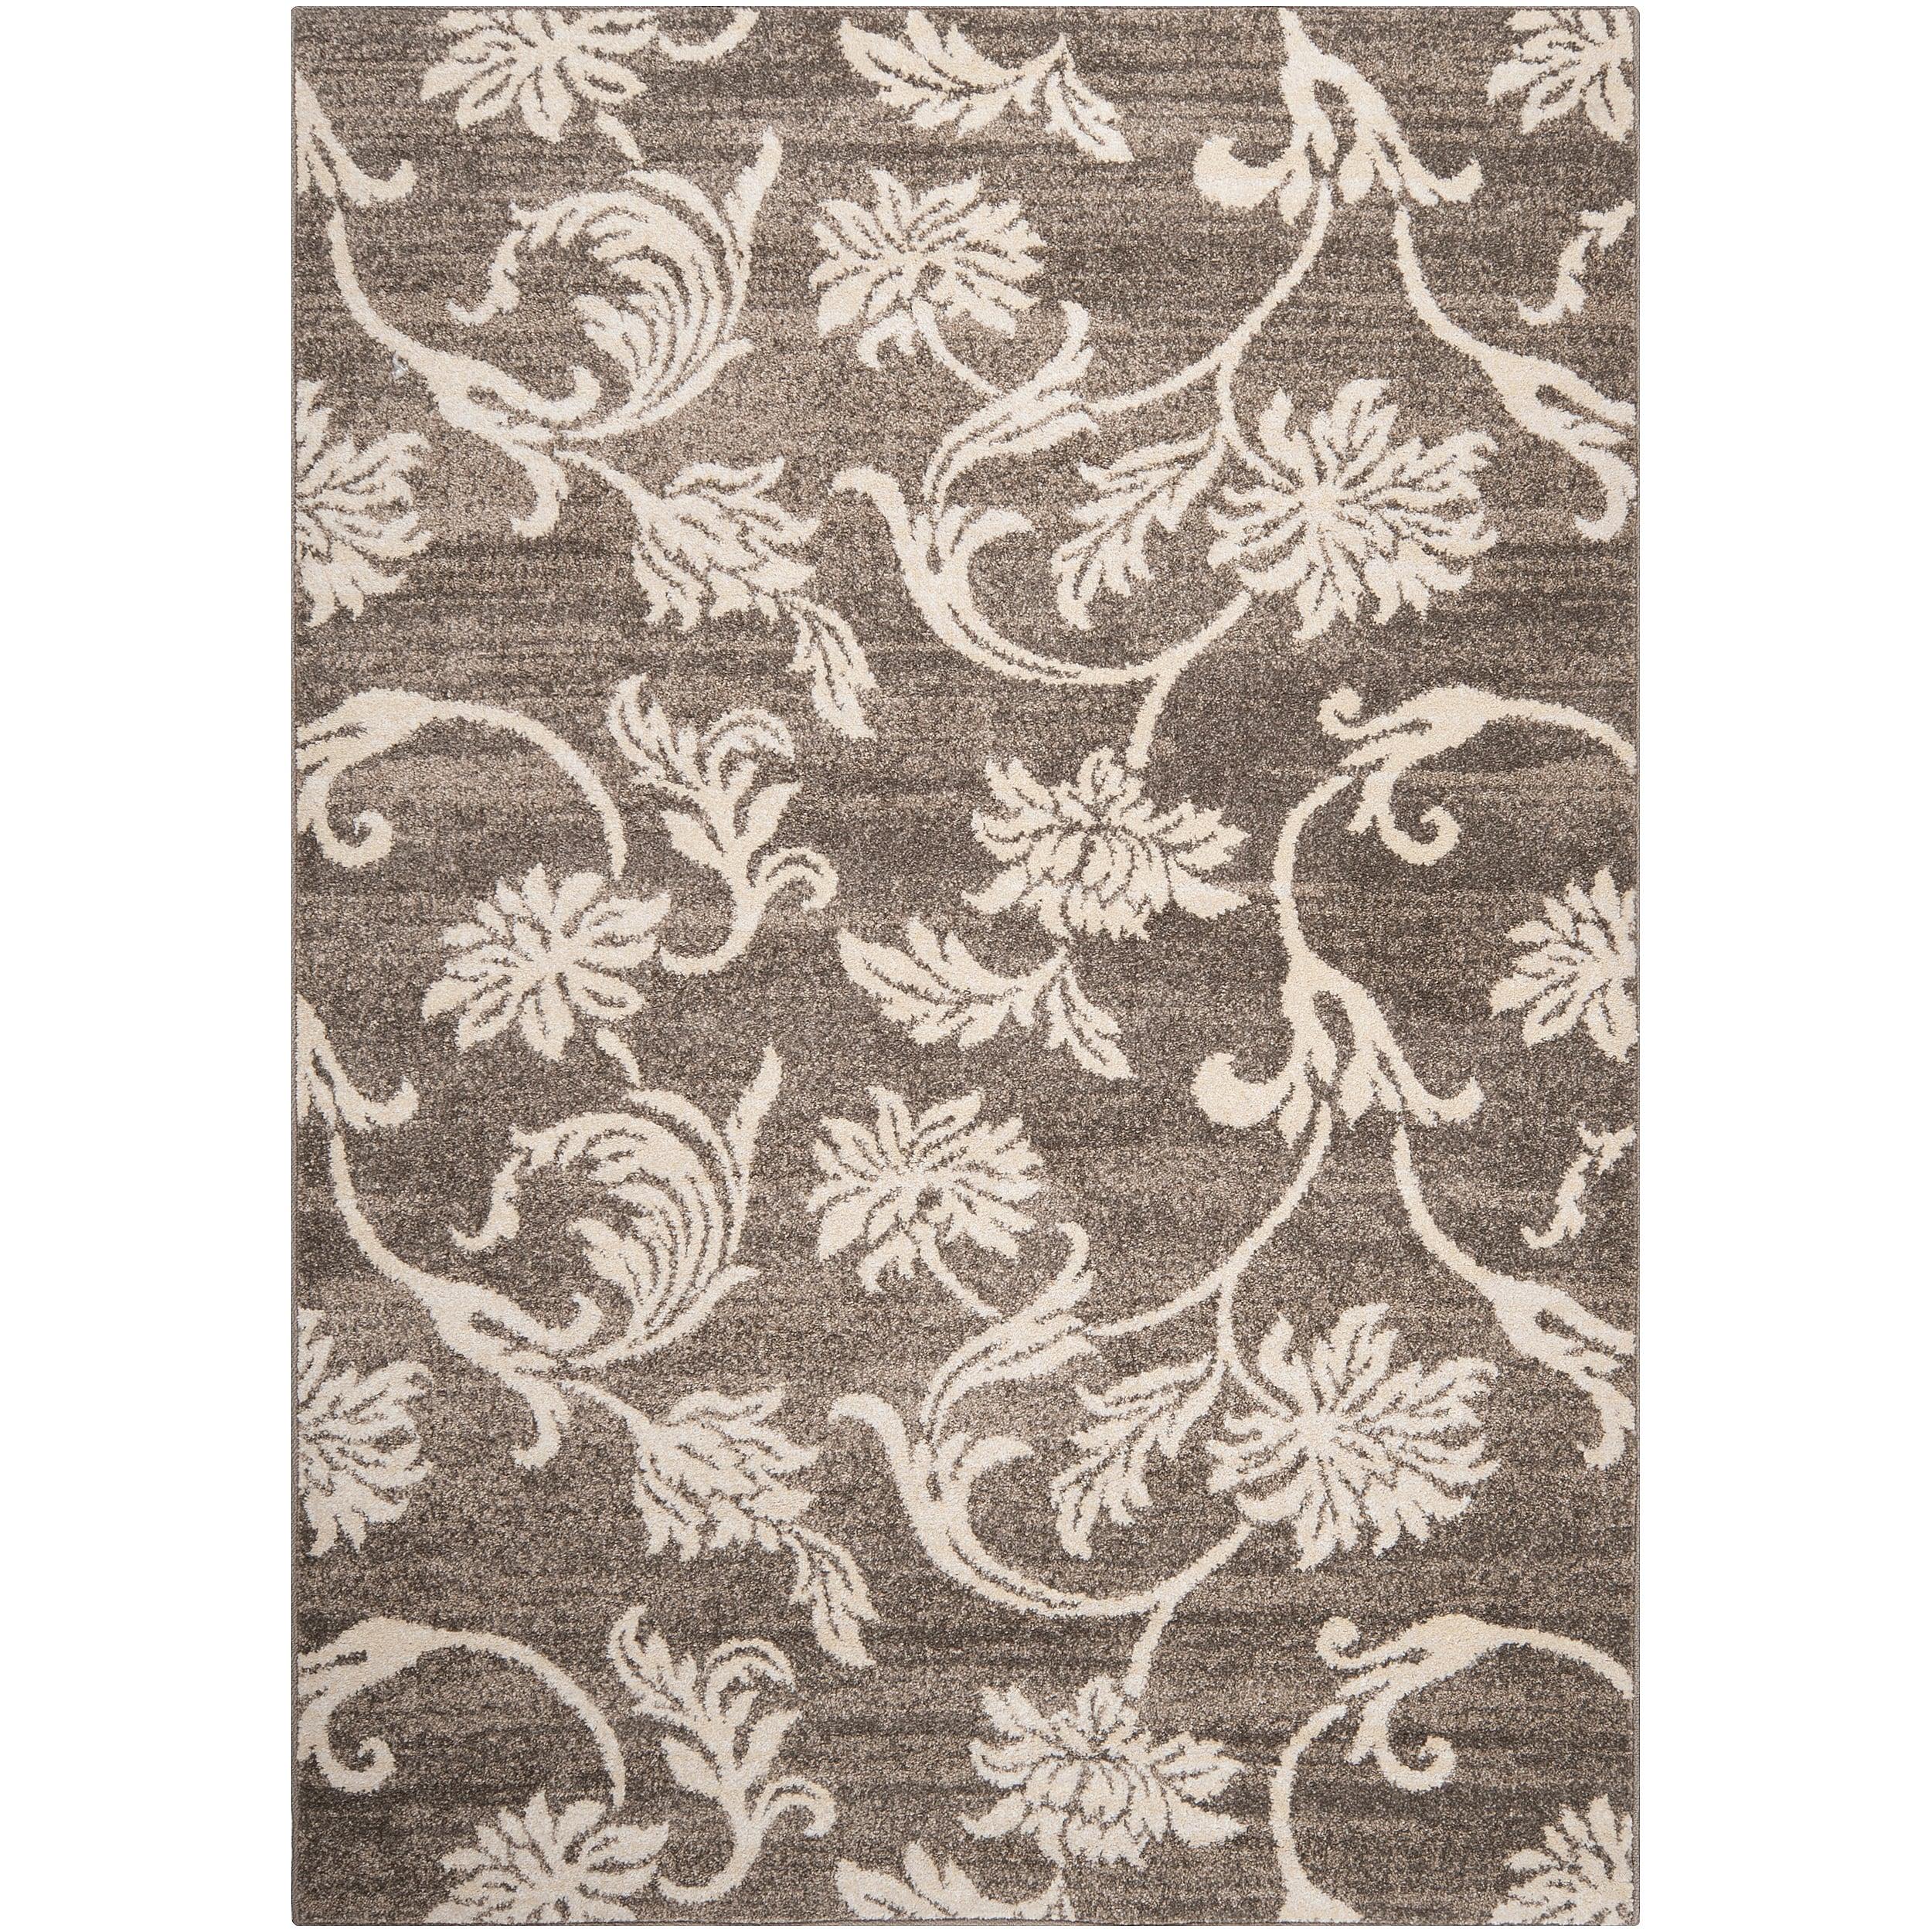 Woven Gray Carno Rug (5'3 x 7'6)